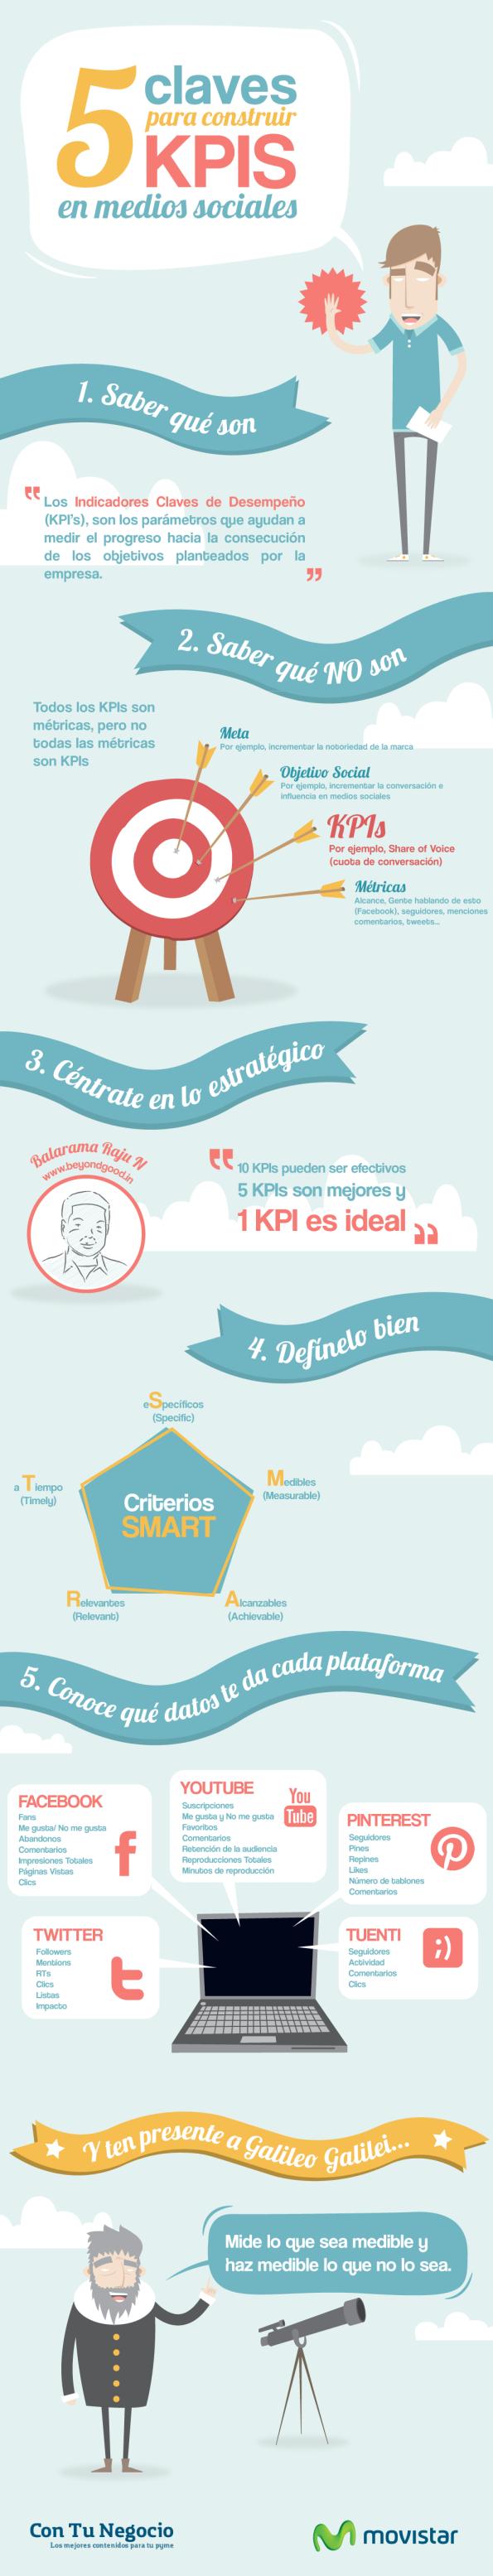 Key Performance Indicators (KPI): ¿Qué significa? | Eduarea\'s Blog